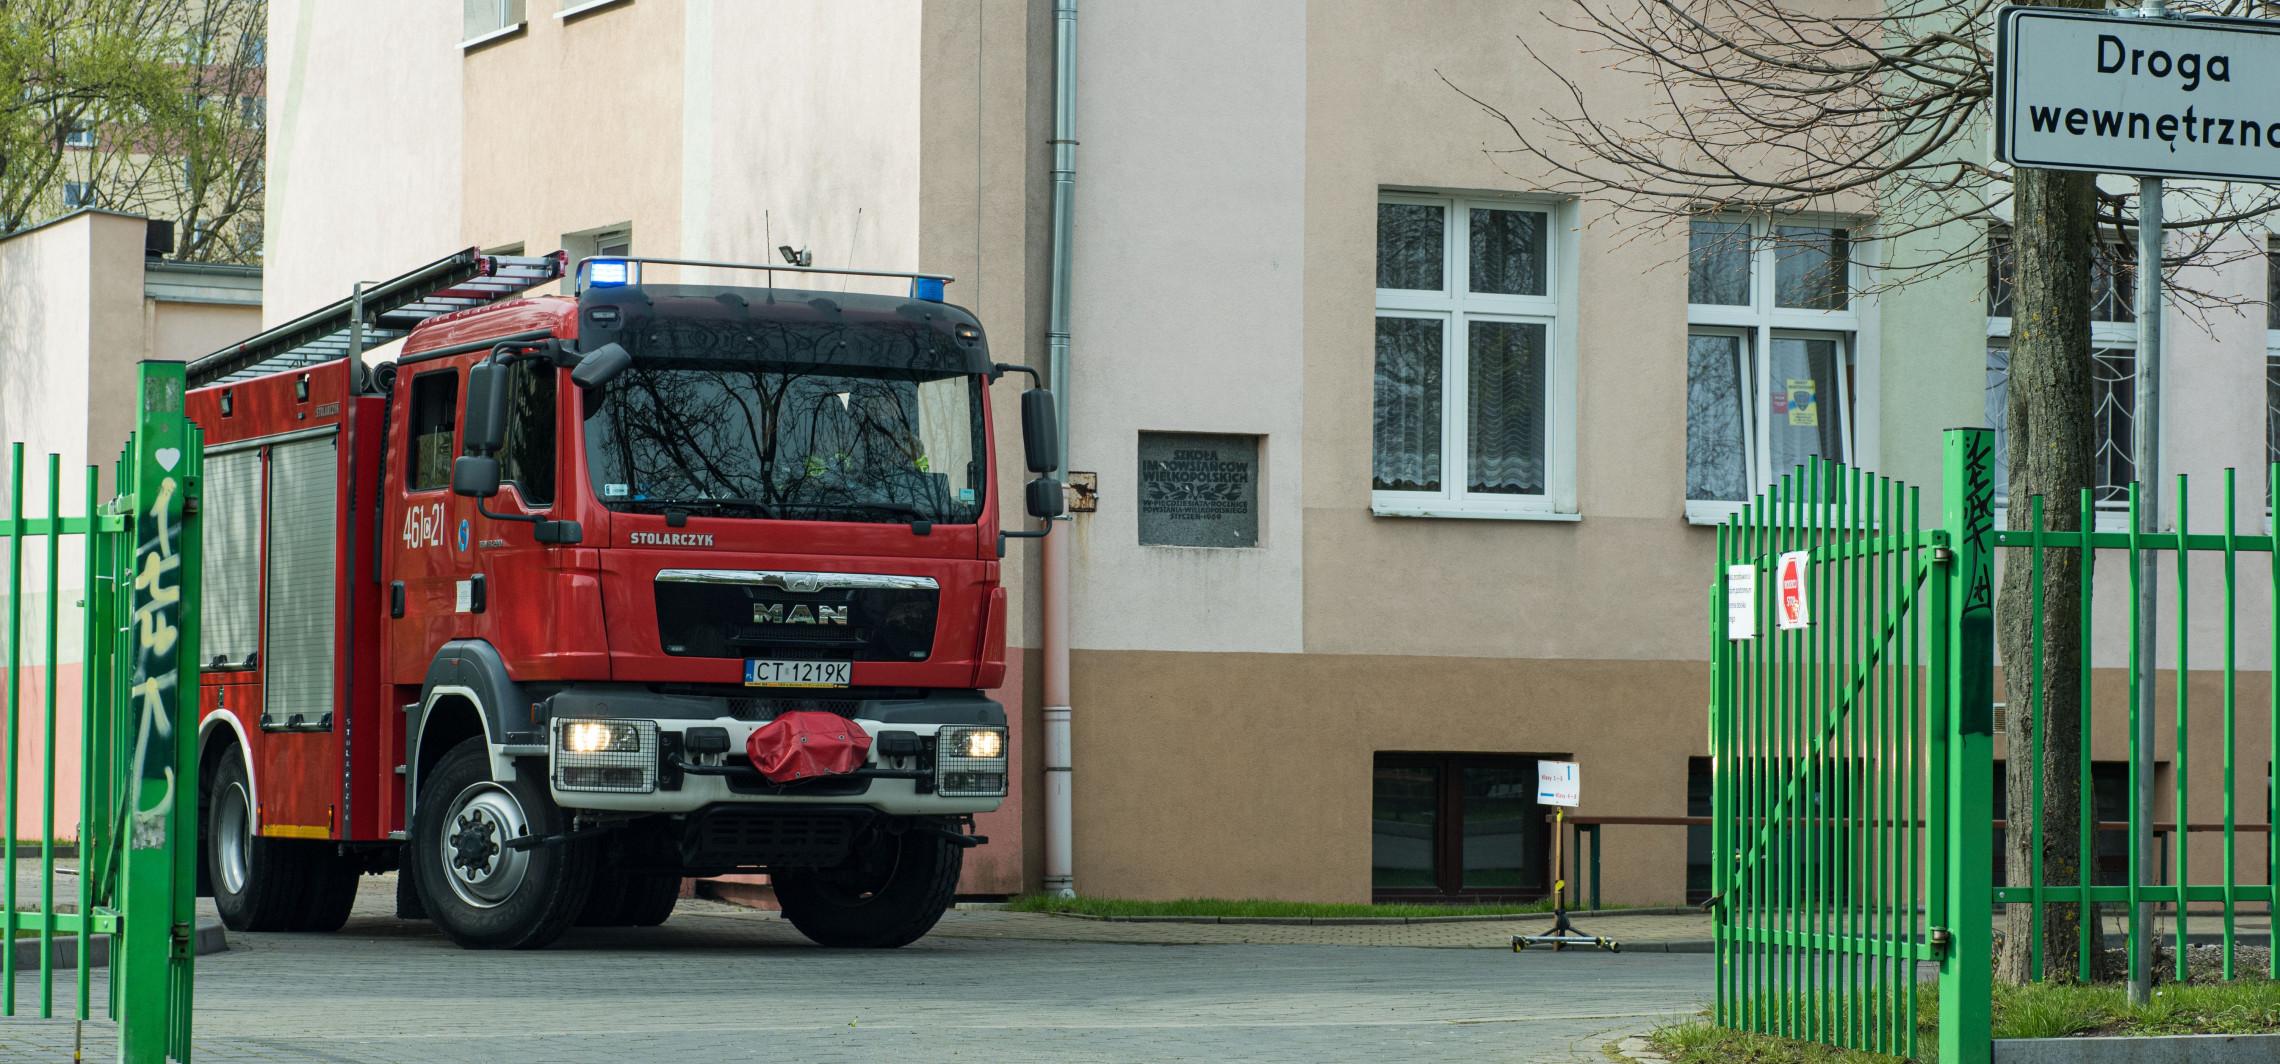 Inowrocław - Alarmy bombowe w czterech szkołach